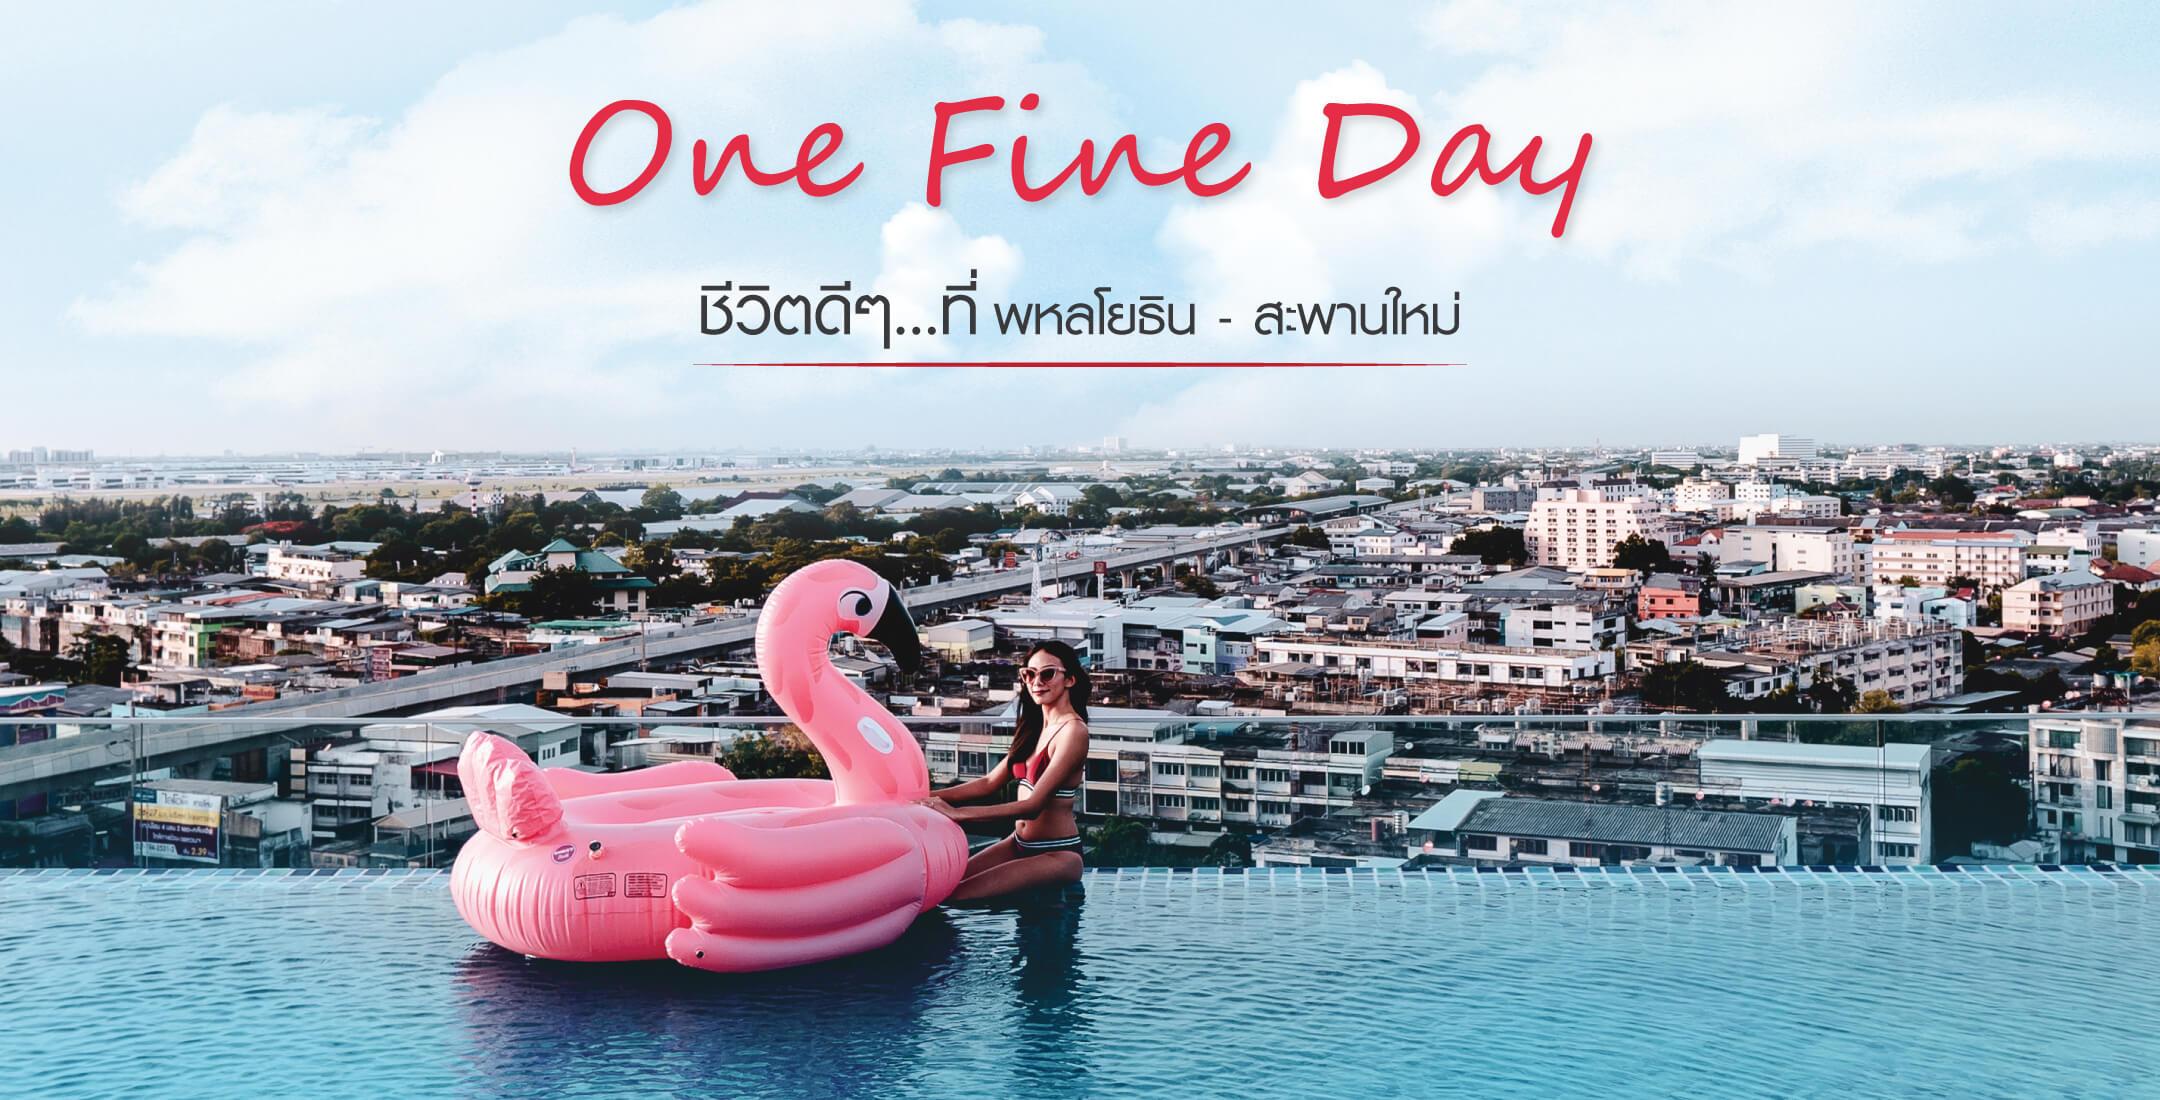 One Fine Day @Episode Condo พหลโยธิน-สะพานใหม่